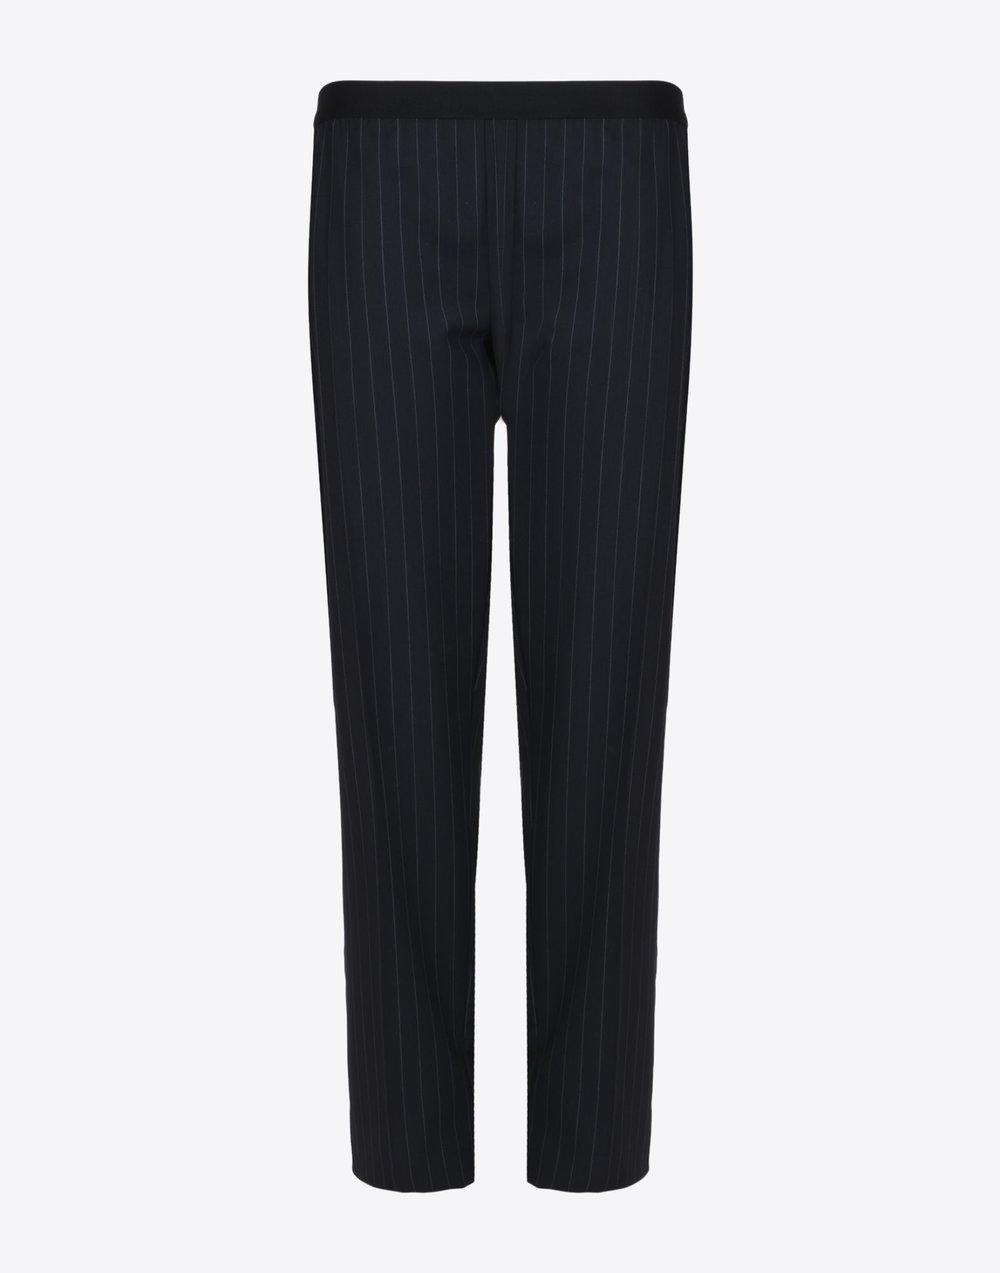 Maison Margiela Pin Striped Virgin Wool Trousers